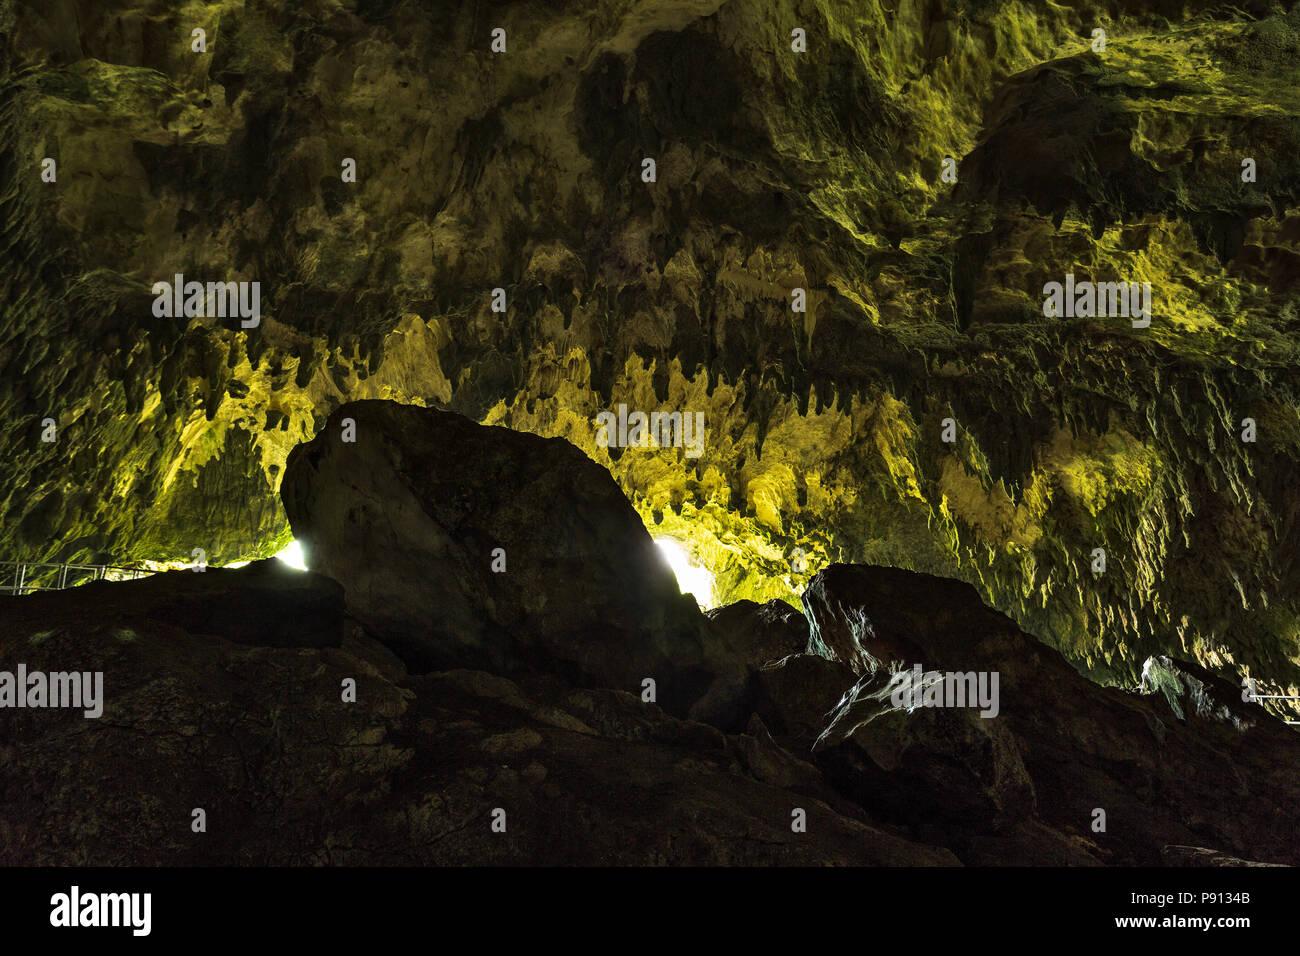 La Grotta del Colle, grotta preistorica. .Abruzzo Immagini Stock